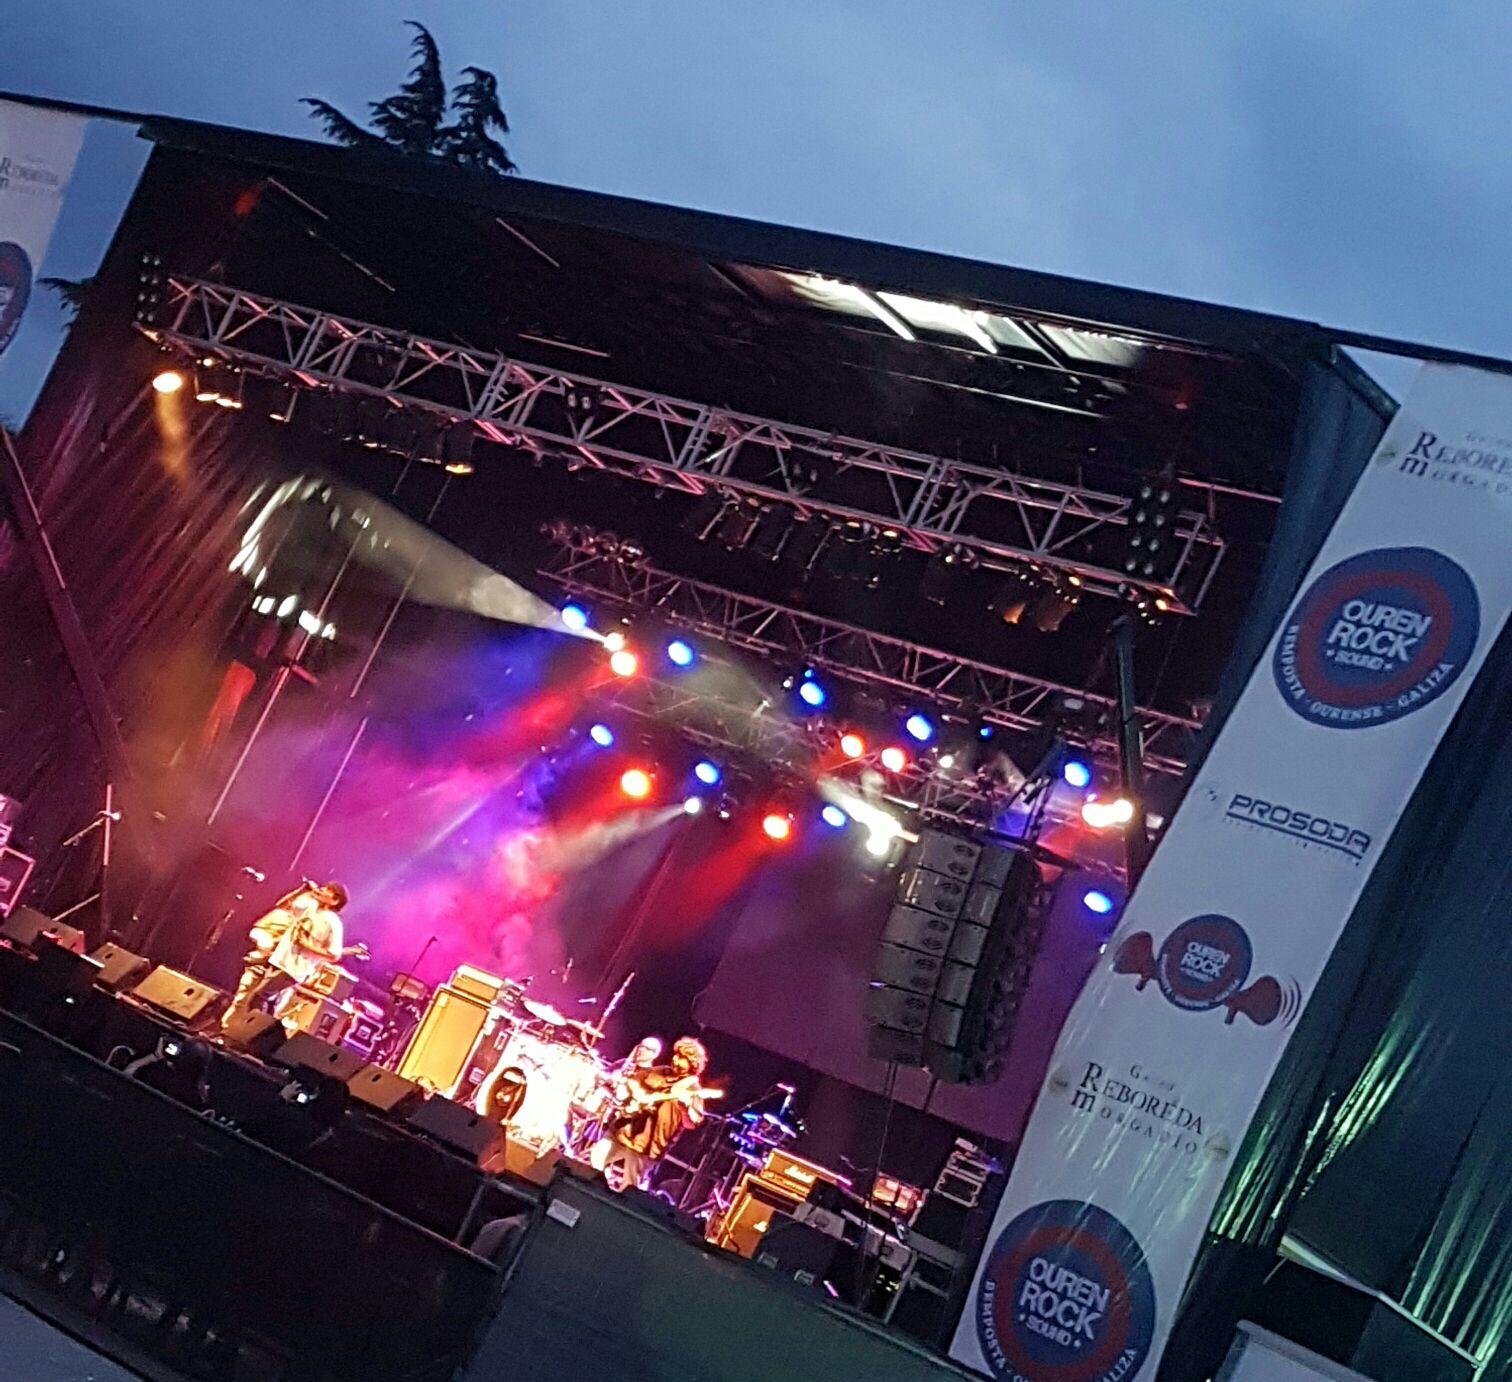 Festival de música Ouren Rock